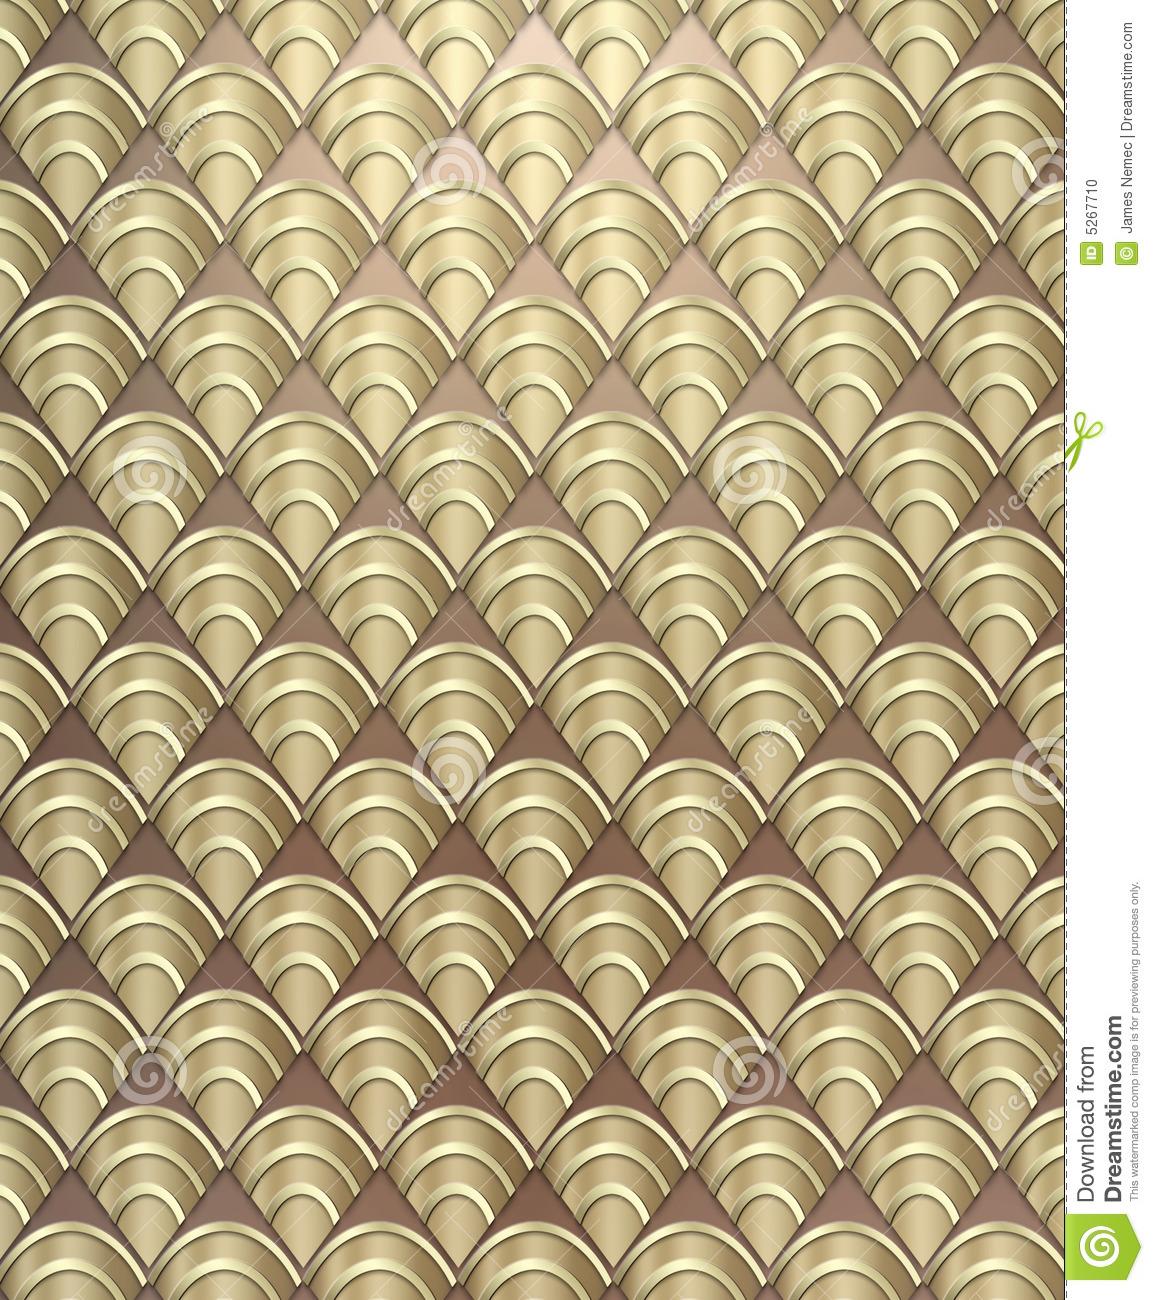 art-deco-art-deco-wallpaper-wp5601027